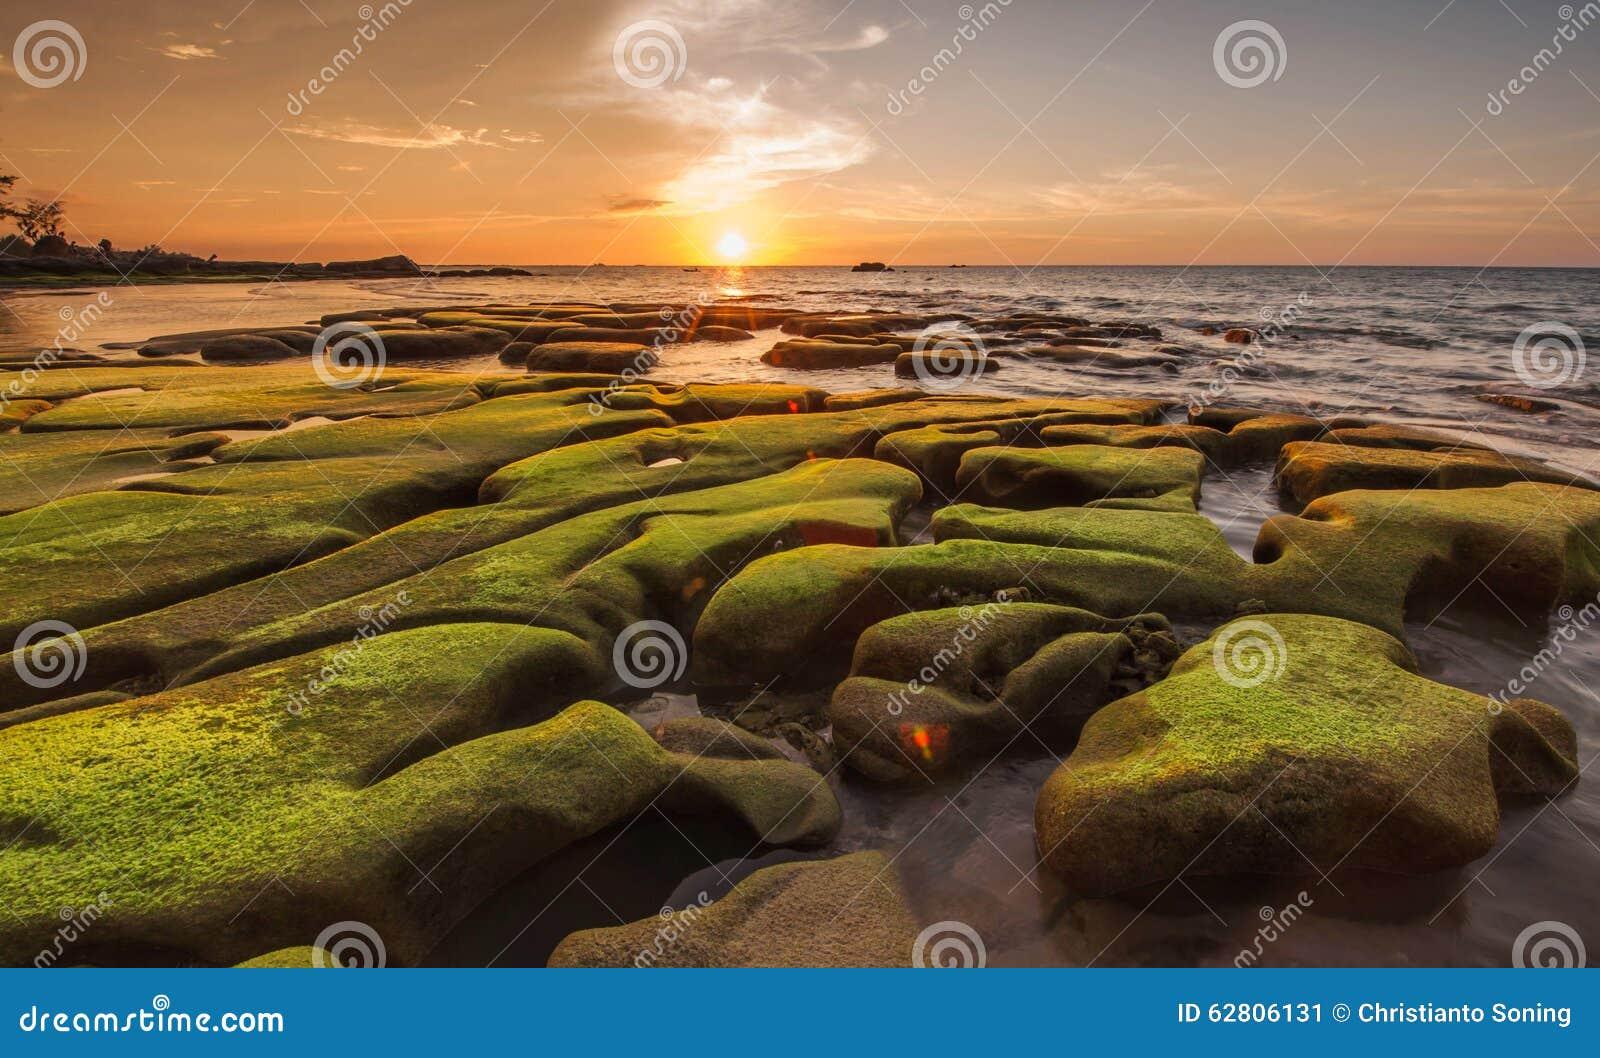 Πράσινο βρύο στο μοναδικούς σχηματισμό βράχου και το υπόβαθρο ηλιοβασιλέματος